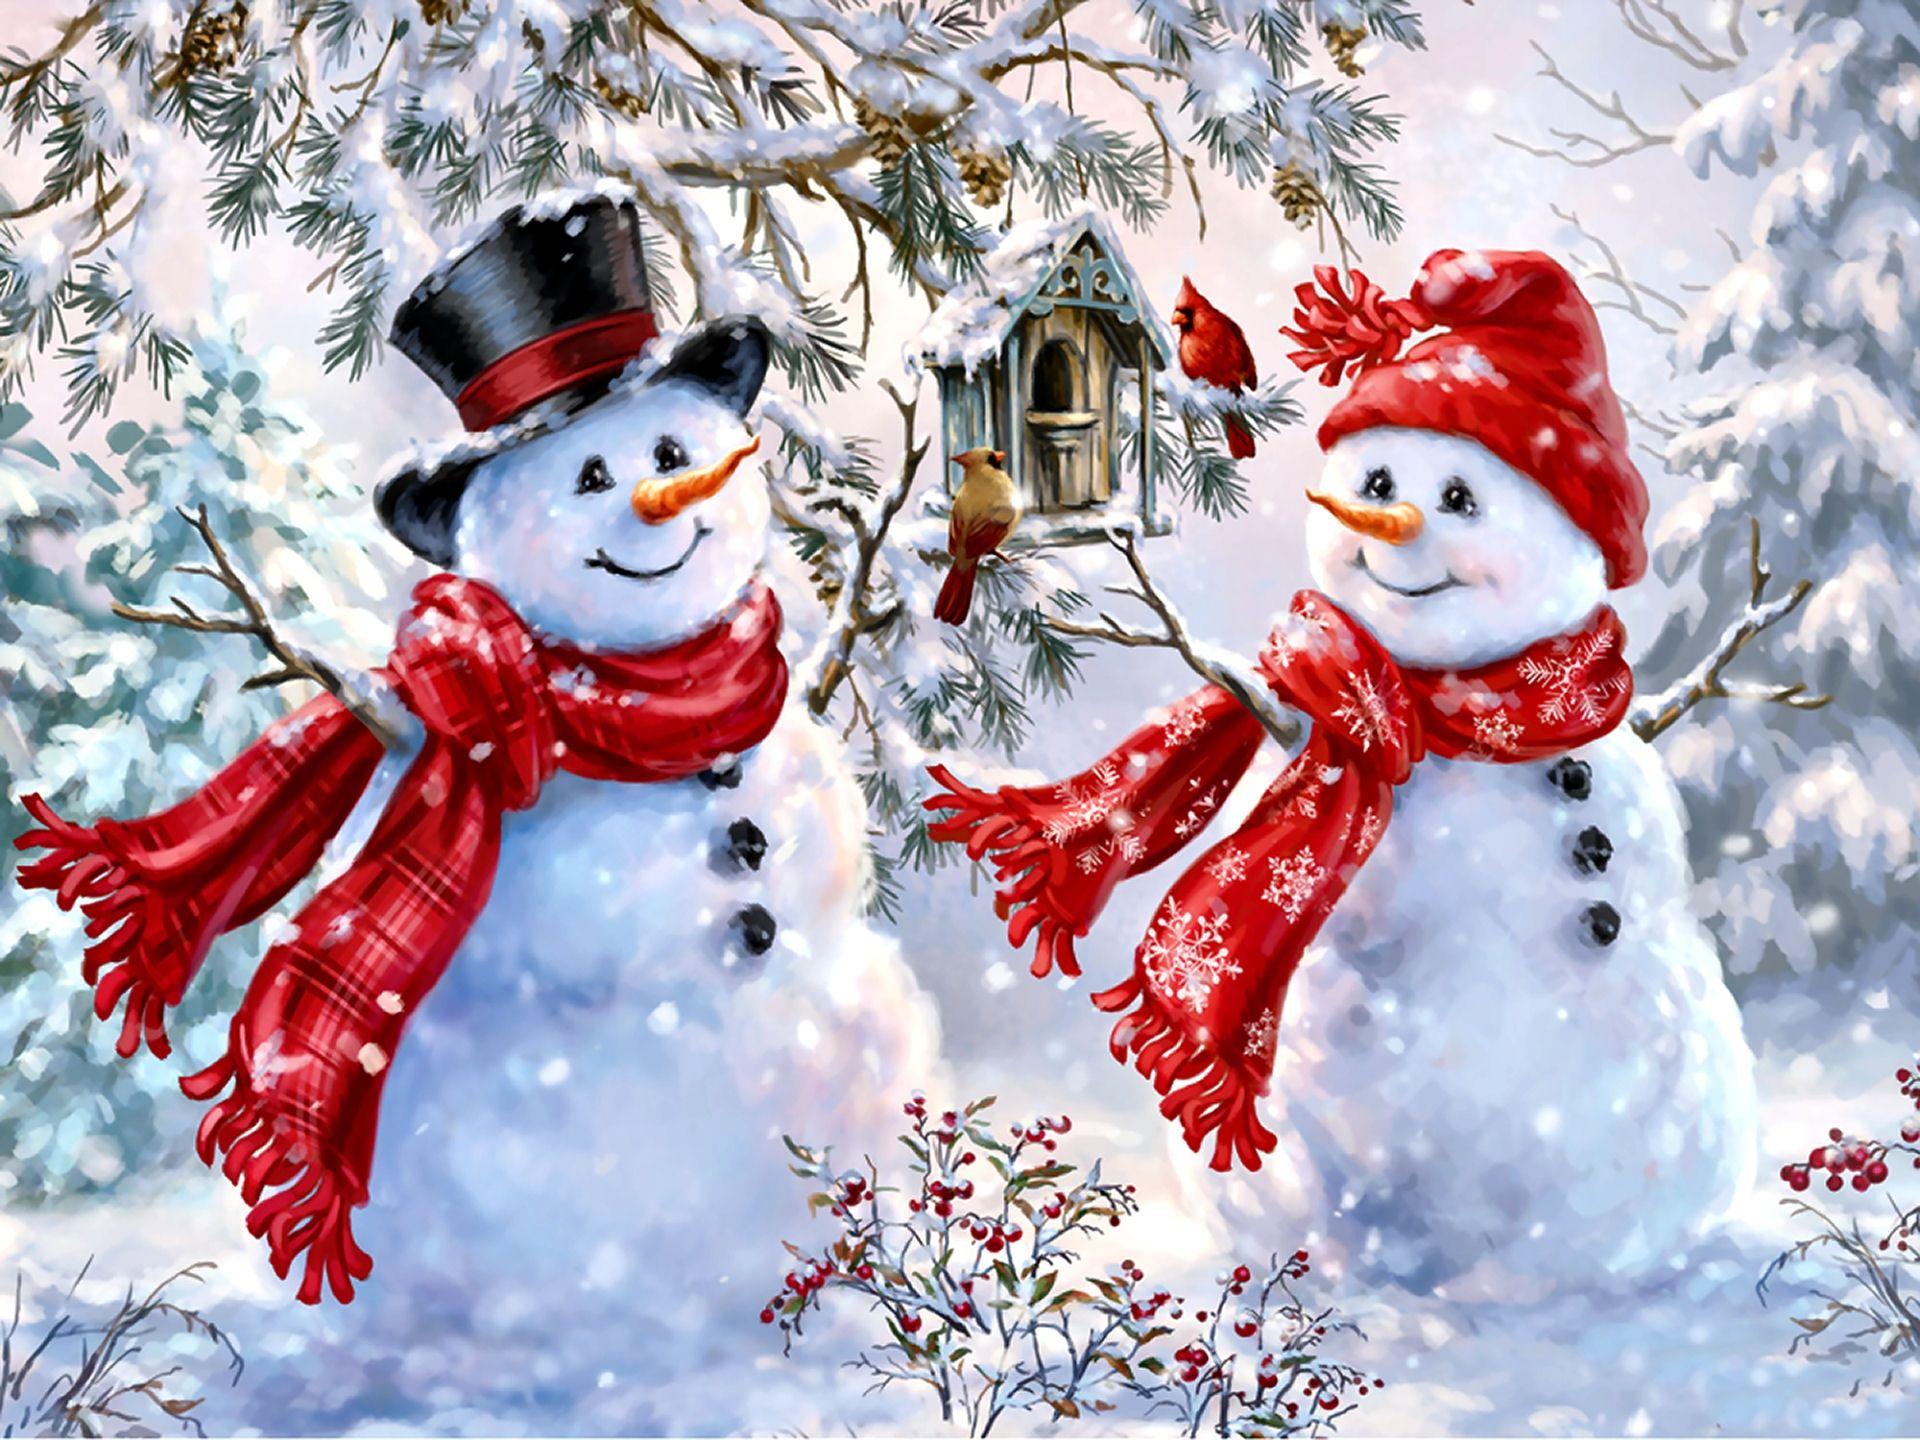 10 Christmas paintings 10 karácsonyi festmény Megaport